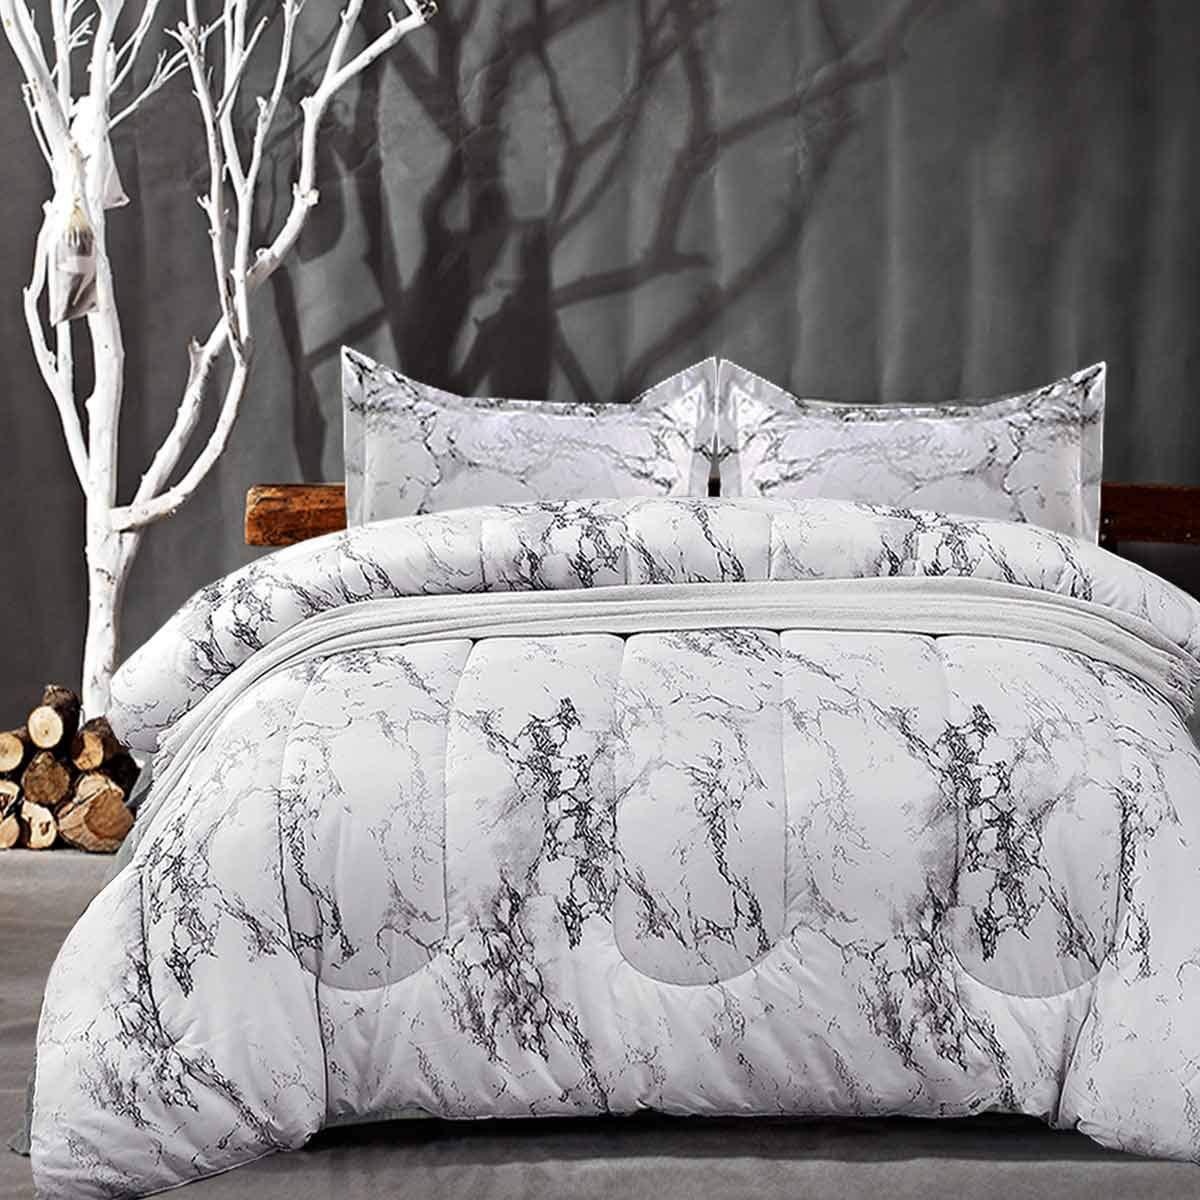 NANKO Comforter Set King Size, White Marble Print 104 x 90 inch Reversible Down Alternative Comforter Microfiber Duvet Sets (1 Comforter + 2 Pillow) Best Modern Bedding for Women Men,Gray Grey